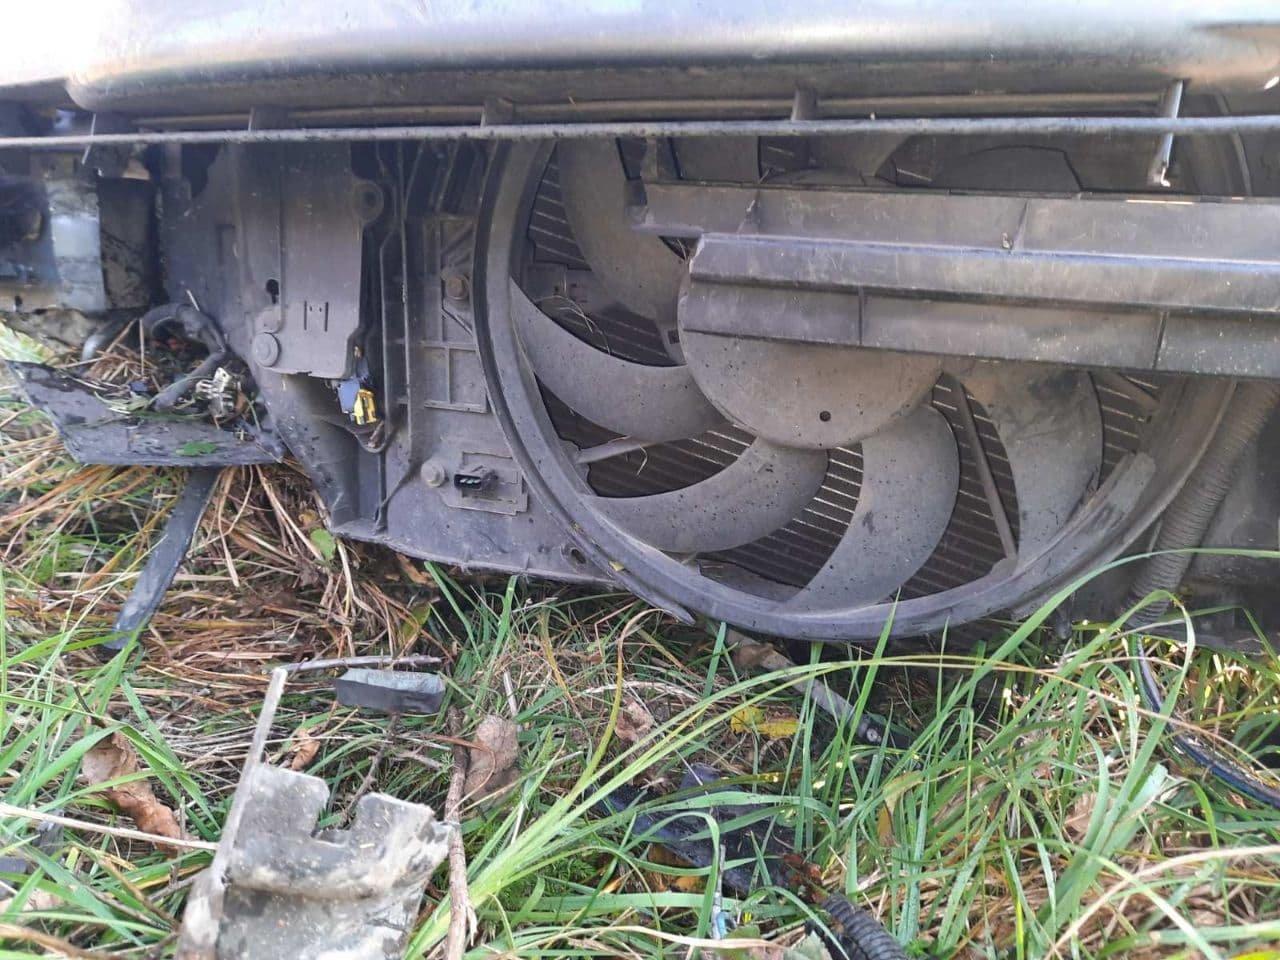 Розбита вщент машина внаслідок автопригоди, Фото: Сергій Бурий